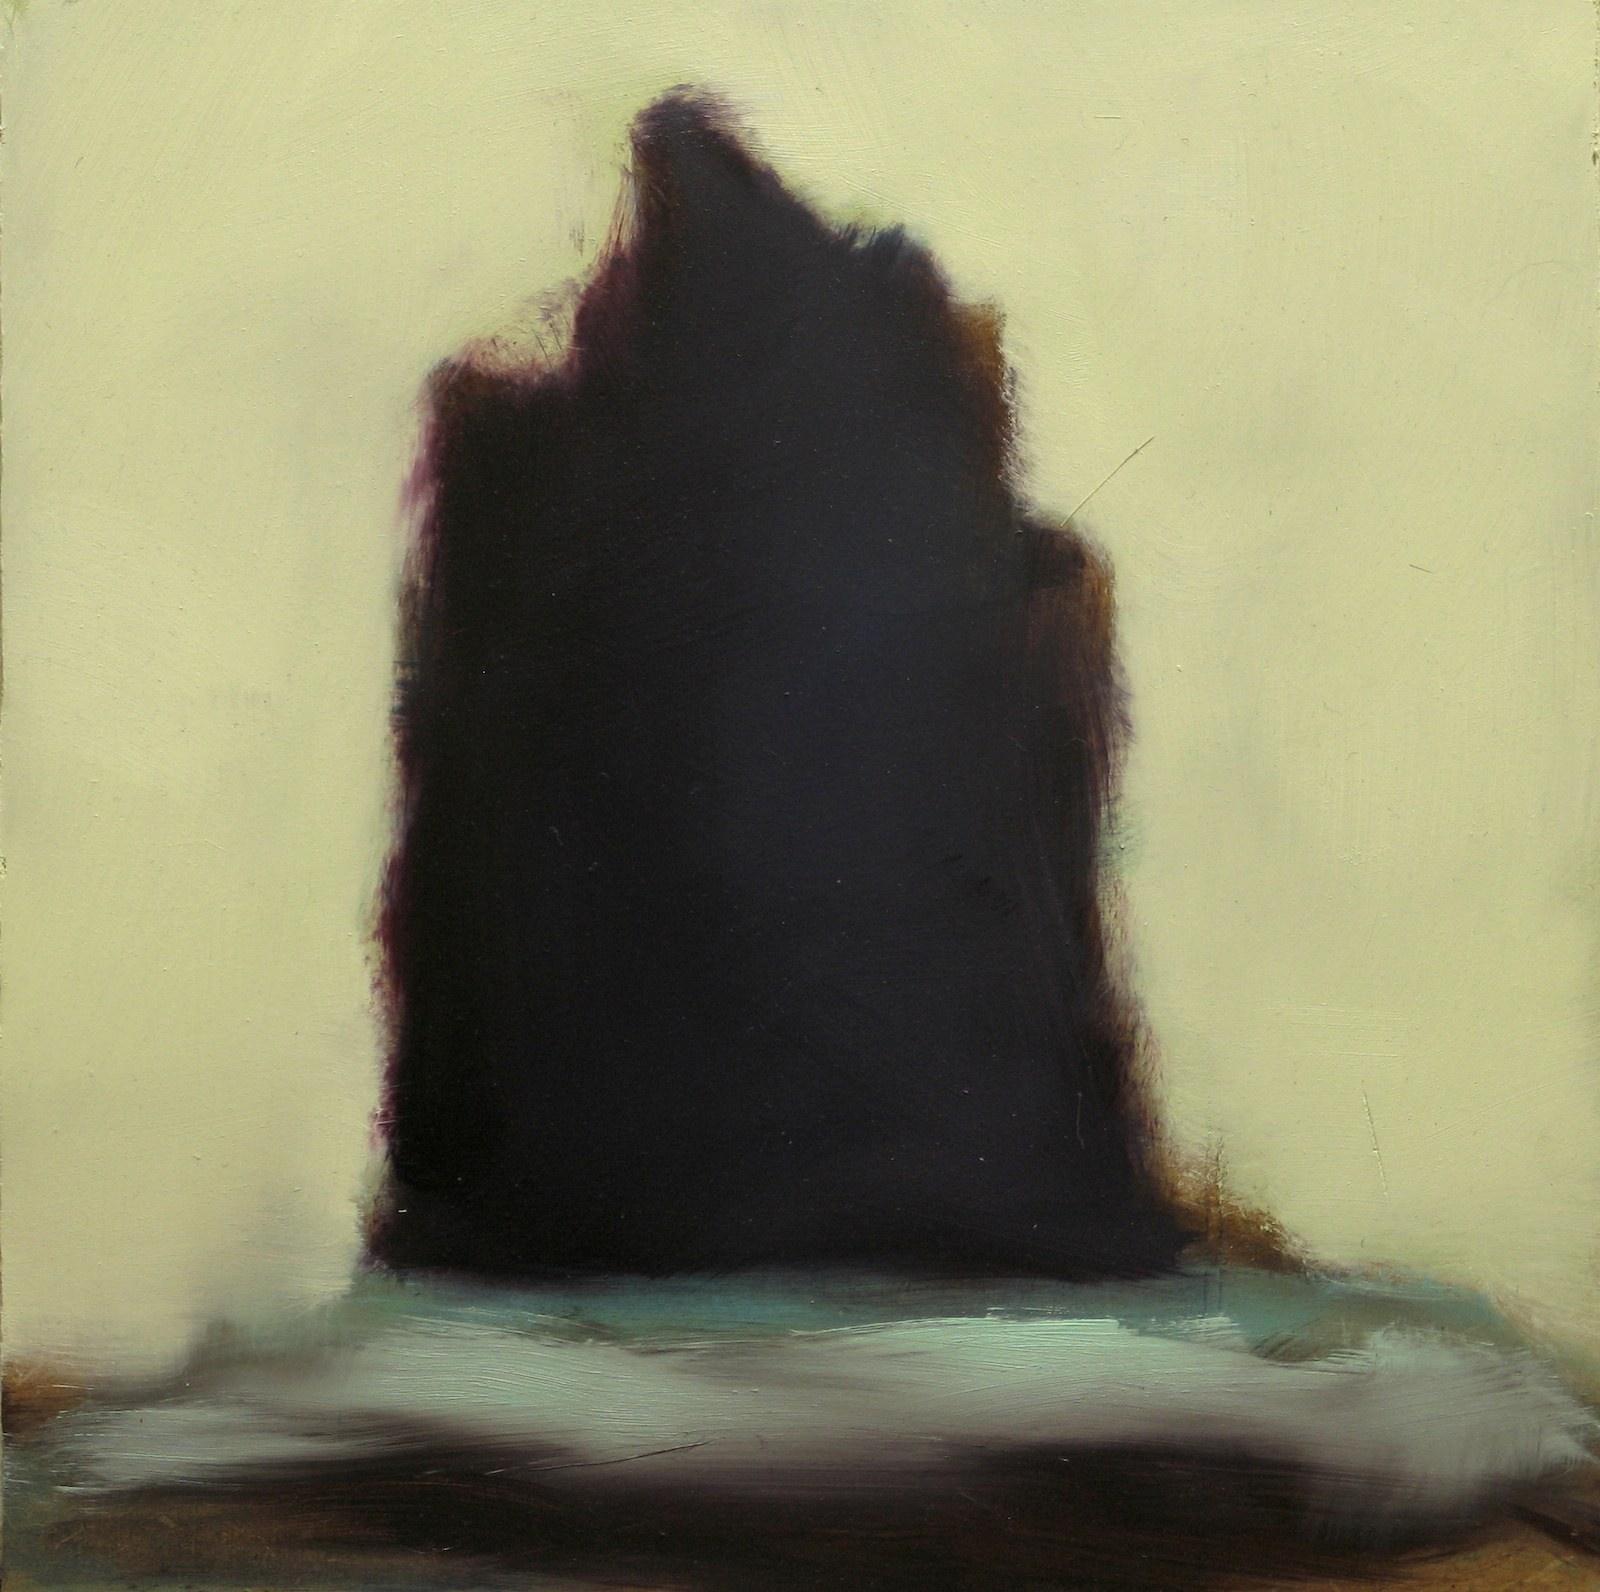 Aleksis, öljy levylle, 25 x 25cm, 2009